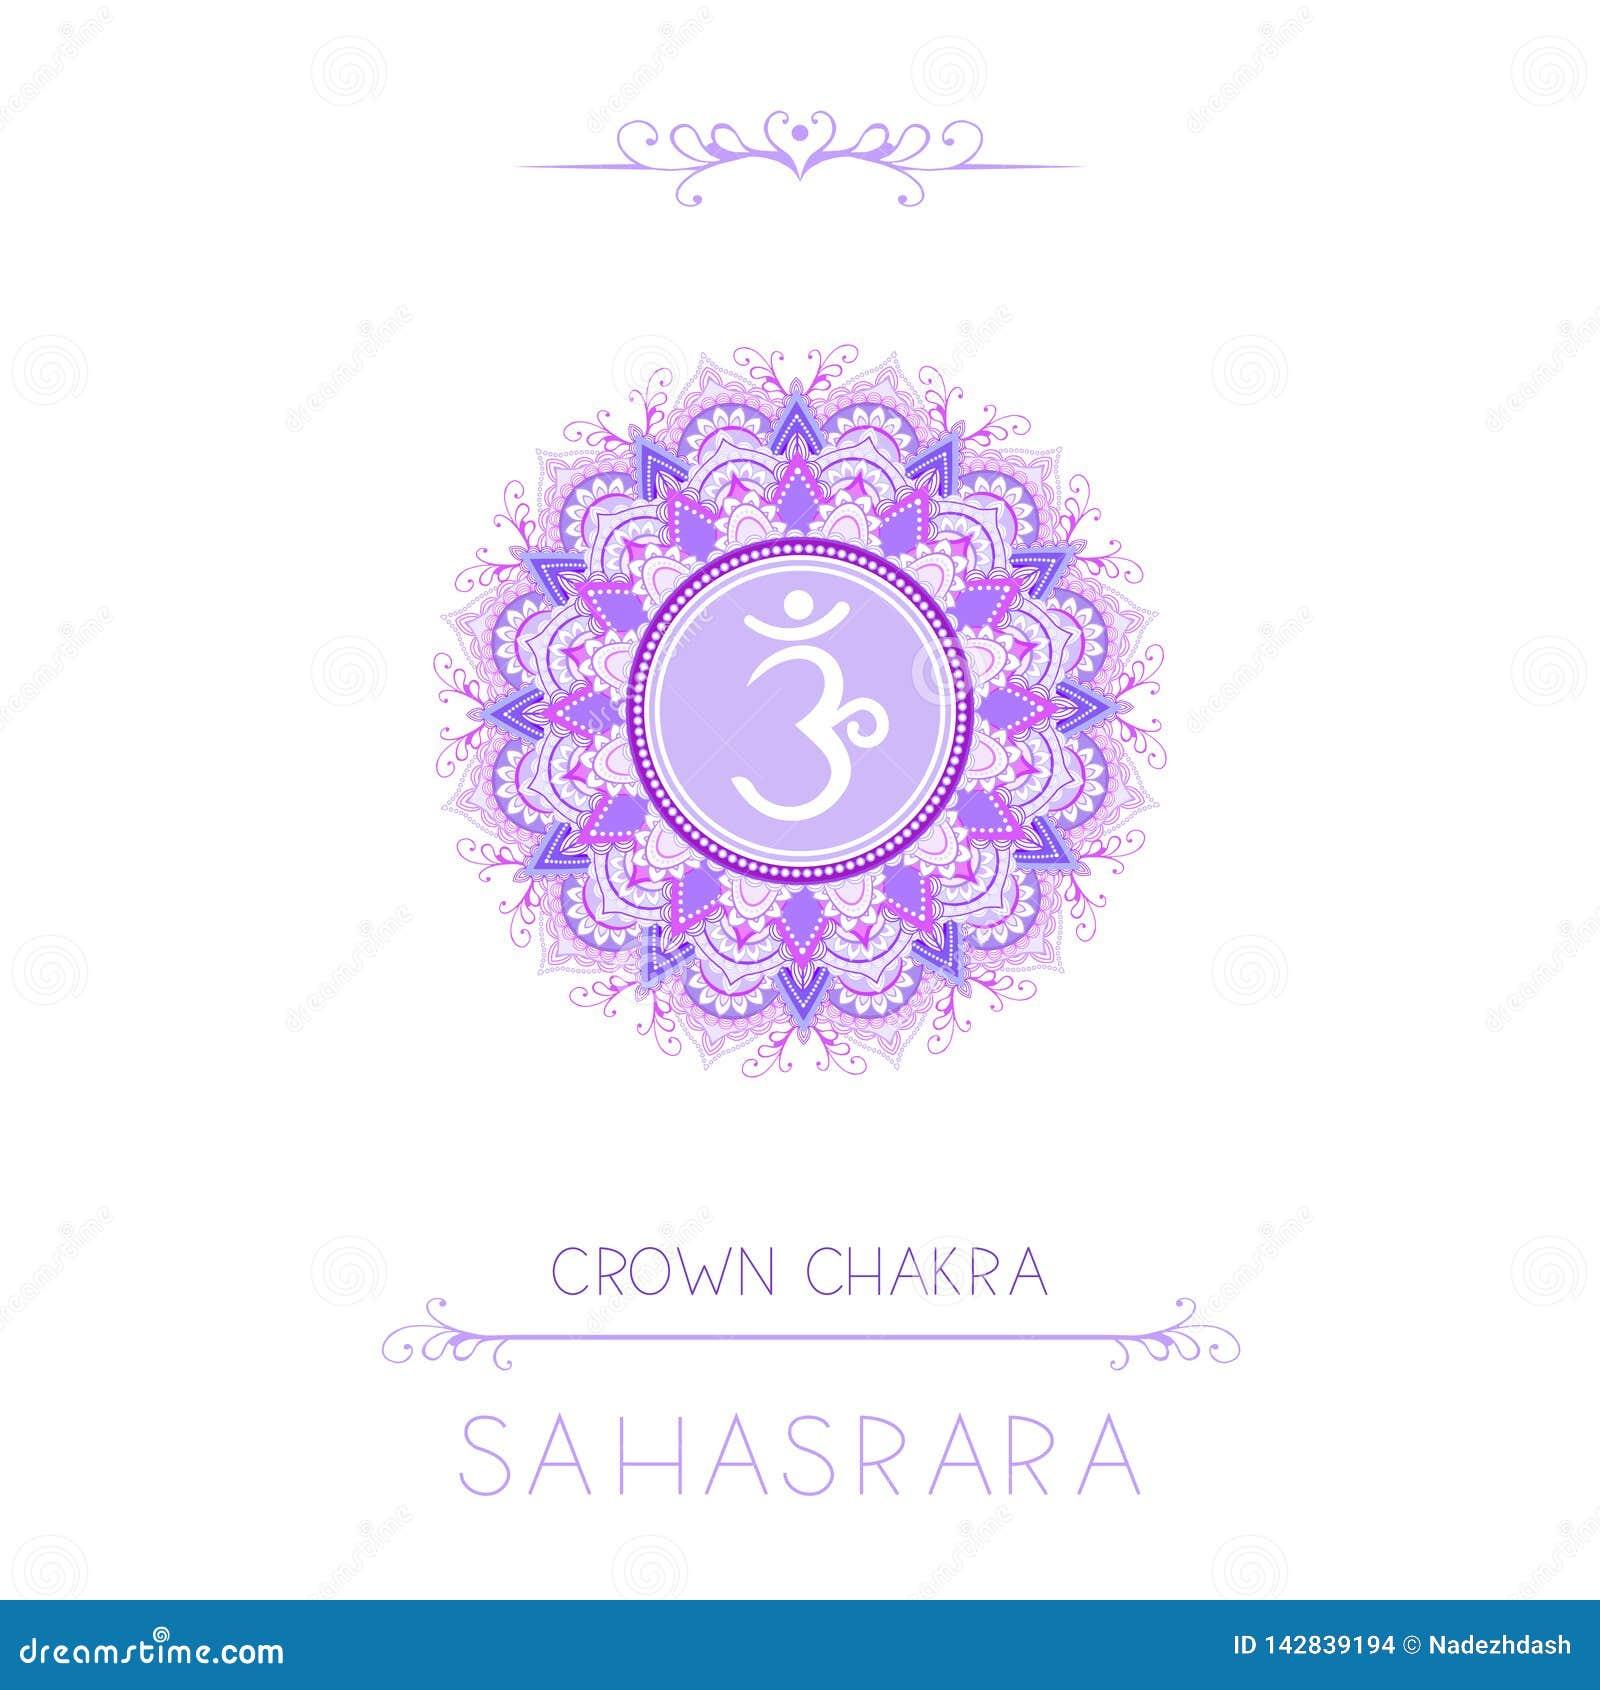 Vectorillustratie met symbool Sahasrara - bekroon chakra en decoratieve elementen op witte achtergrond